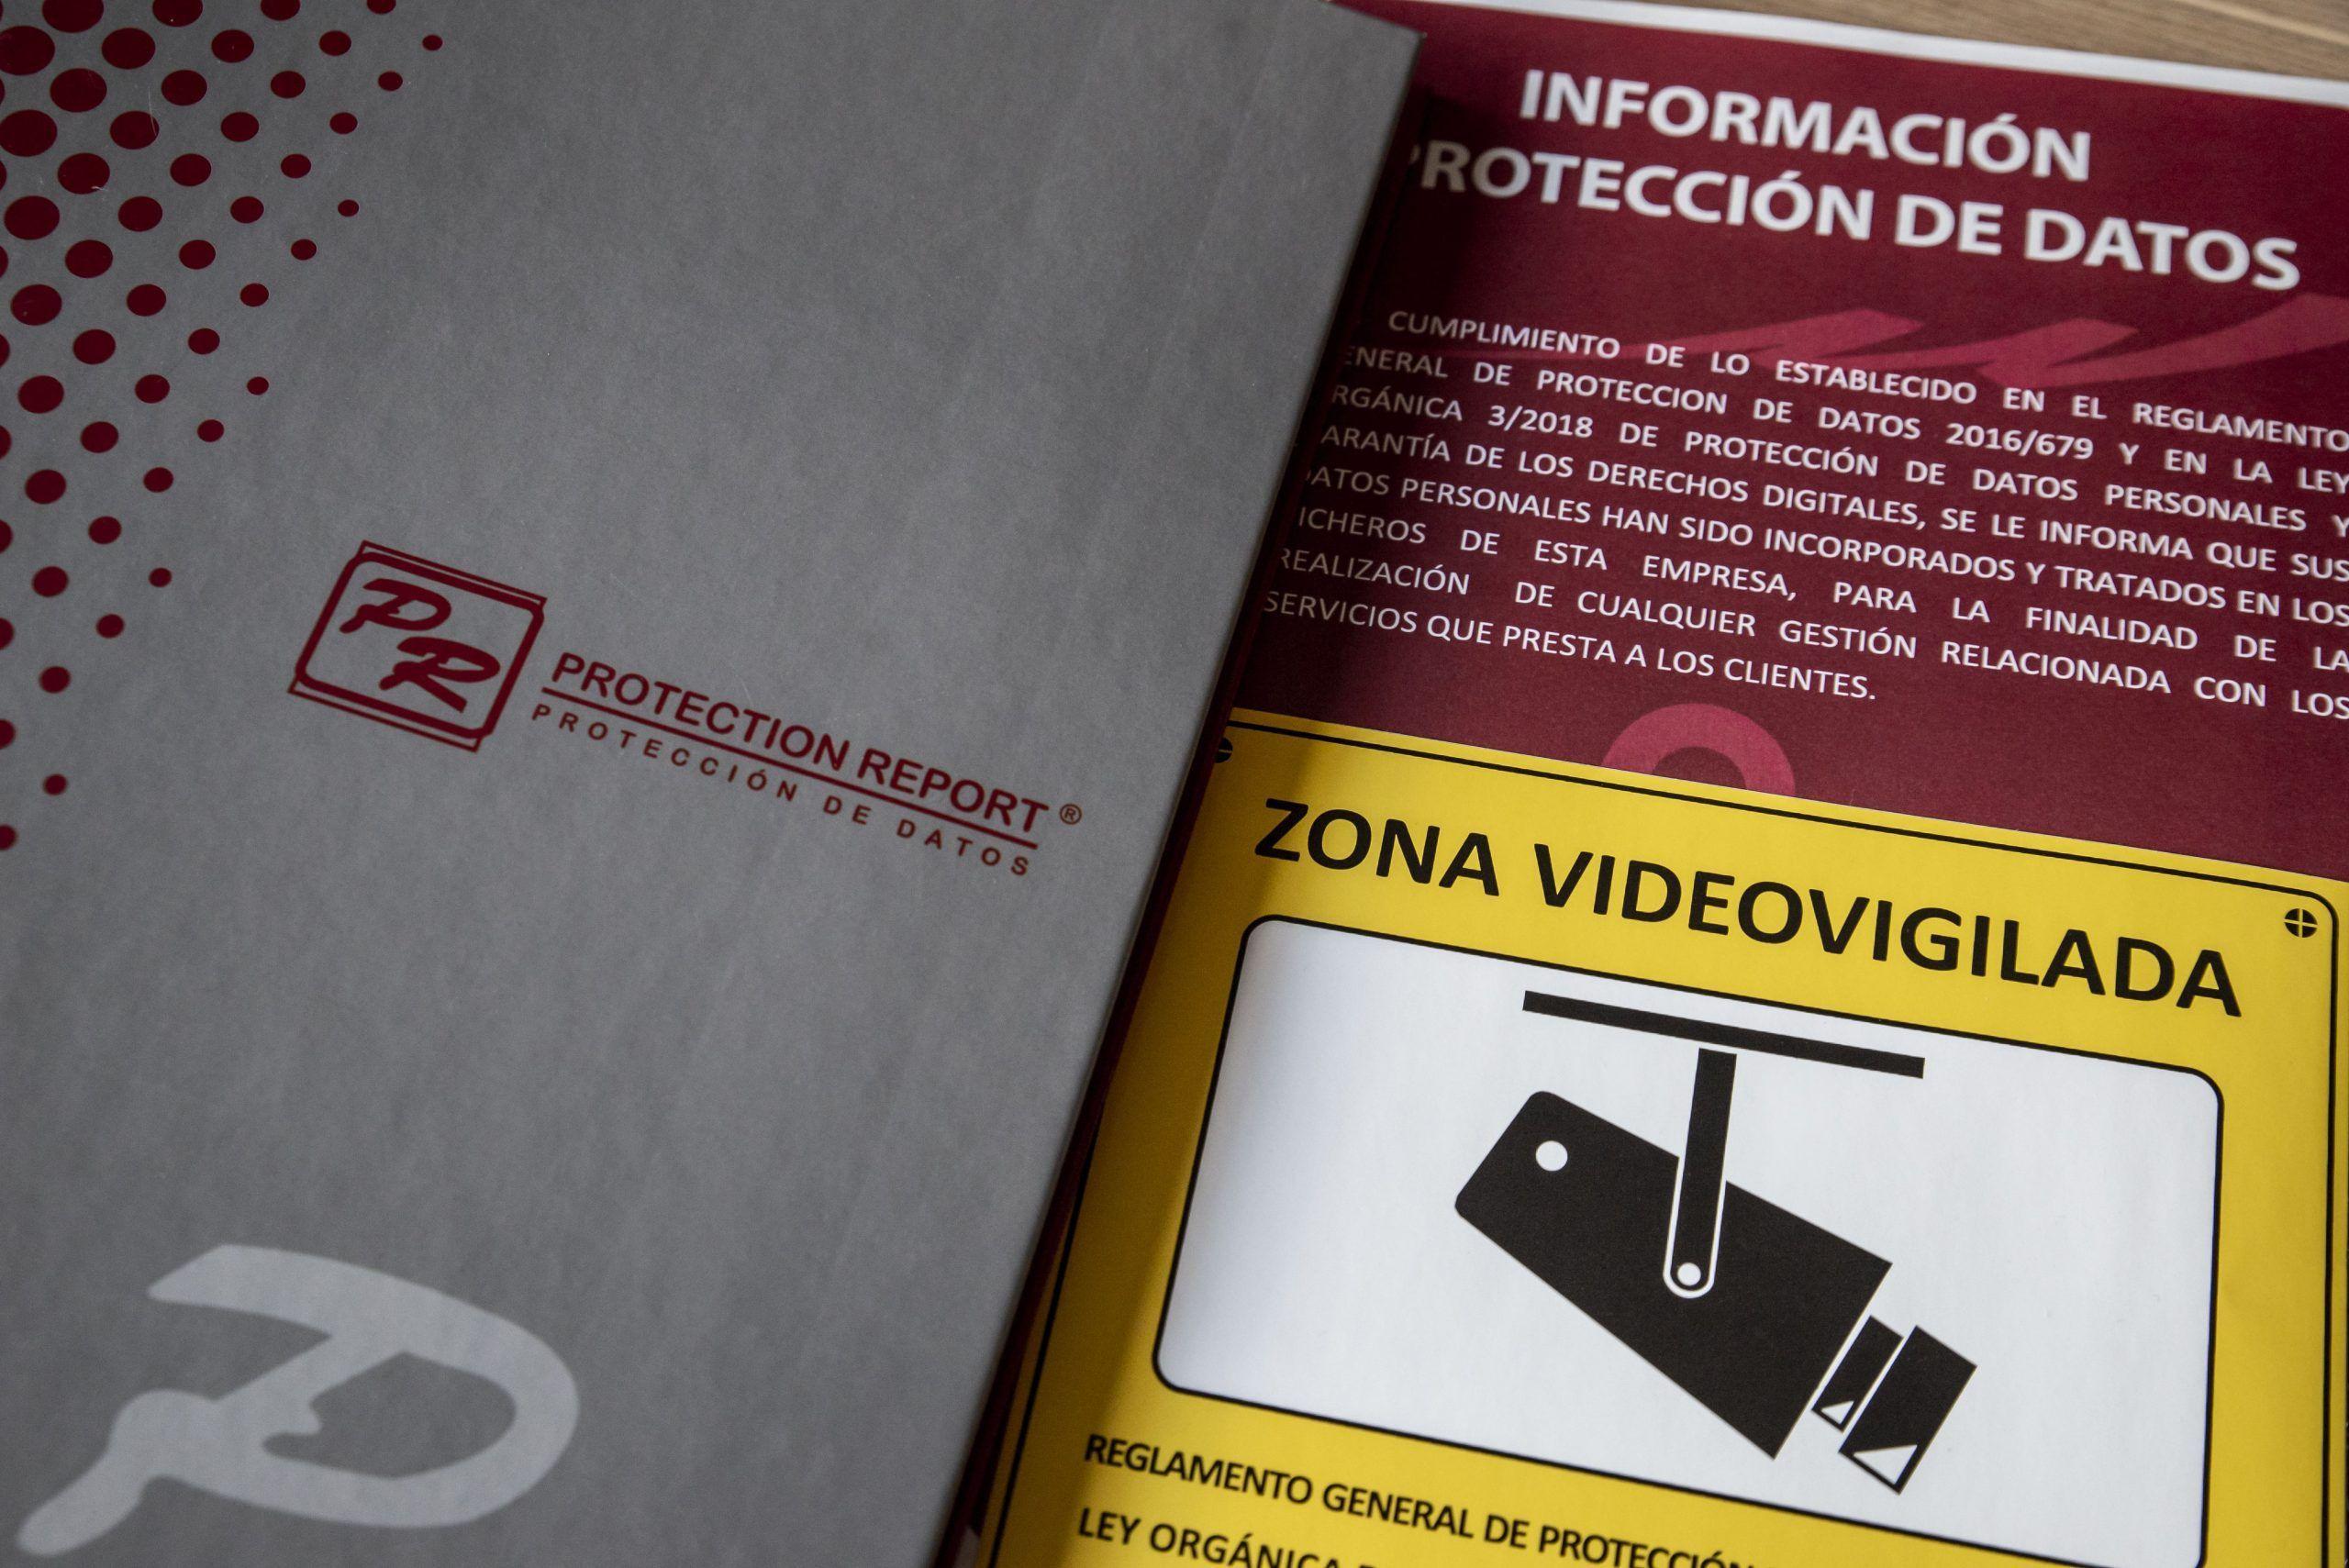 Qué hay que poner en el cartel de videovigilancia RGPD